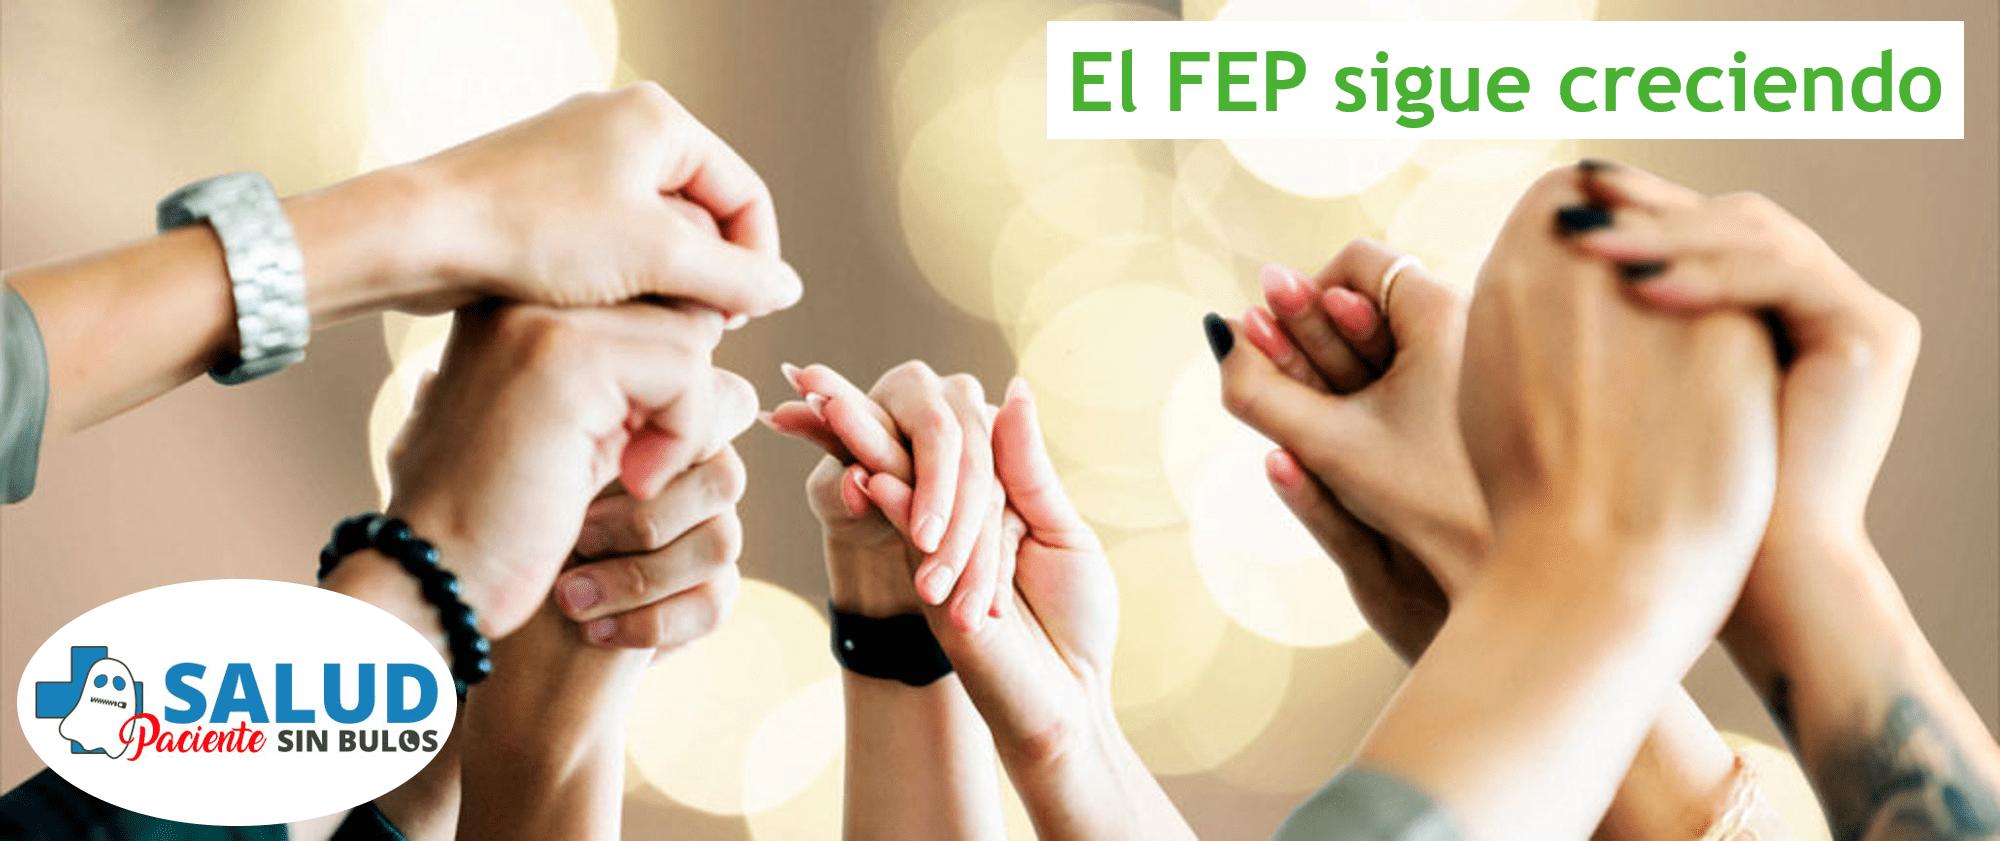 """Portada """"El FEP sigue creciendo"""""""